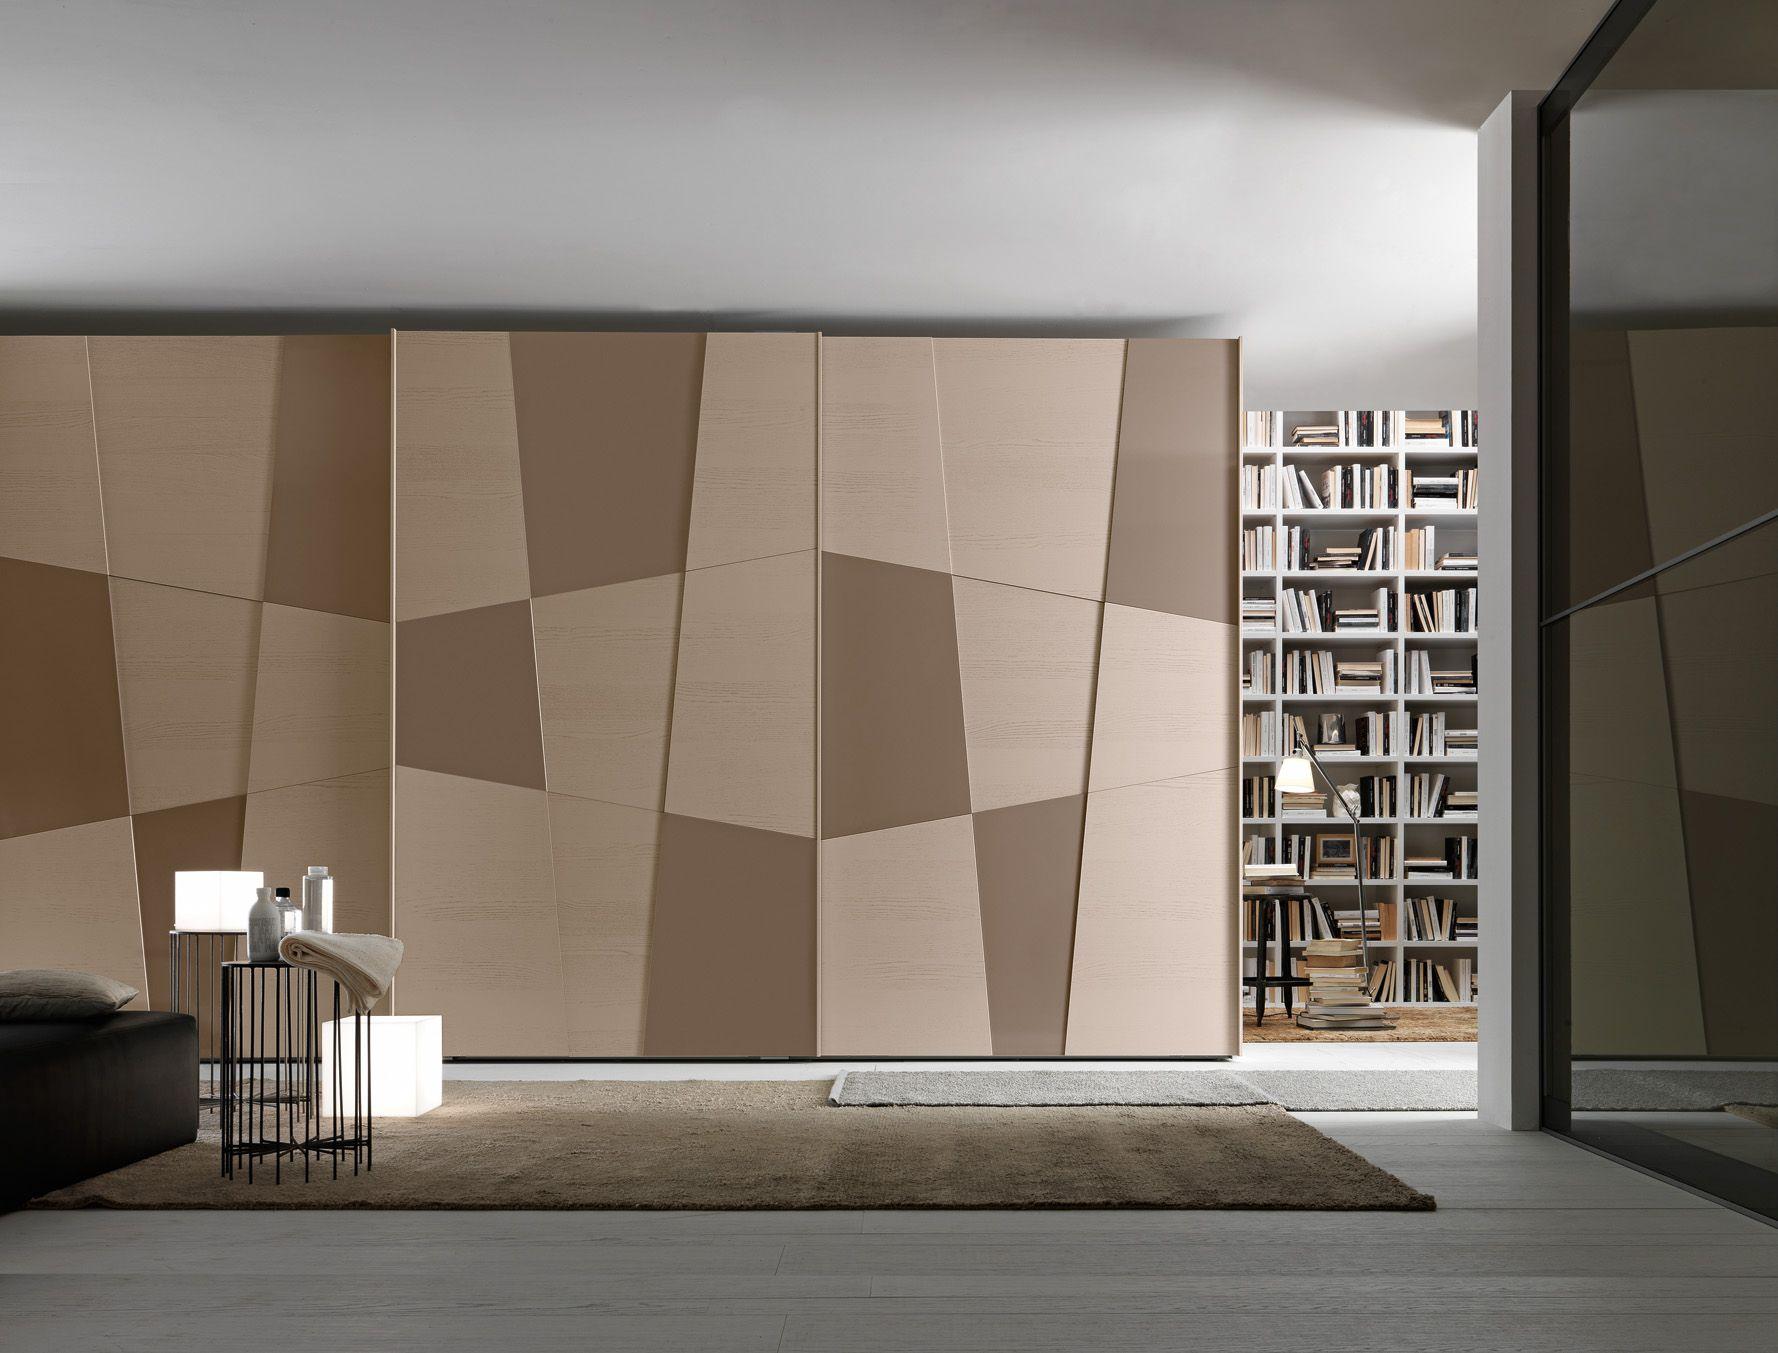 Schlafzimmereinrichtung modernes design einrichtung schlafzimmer presotto